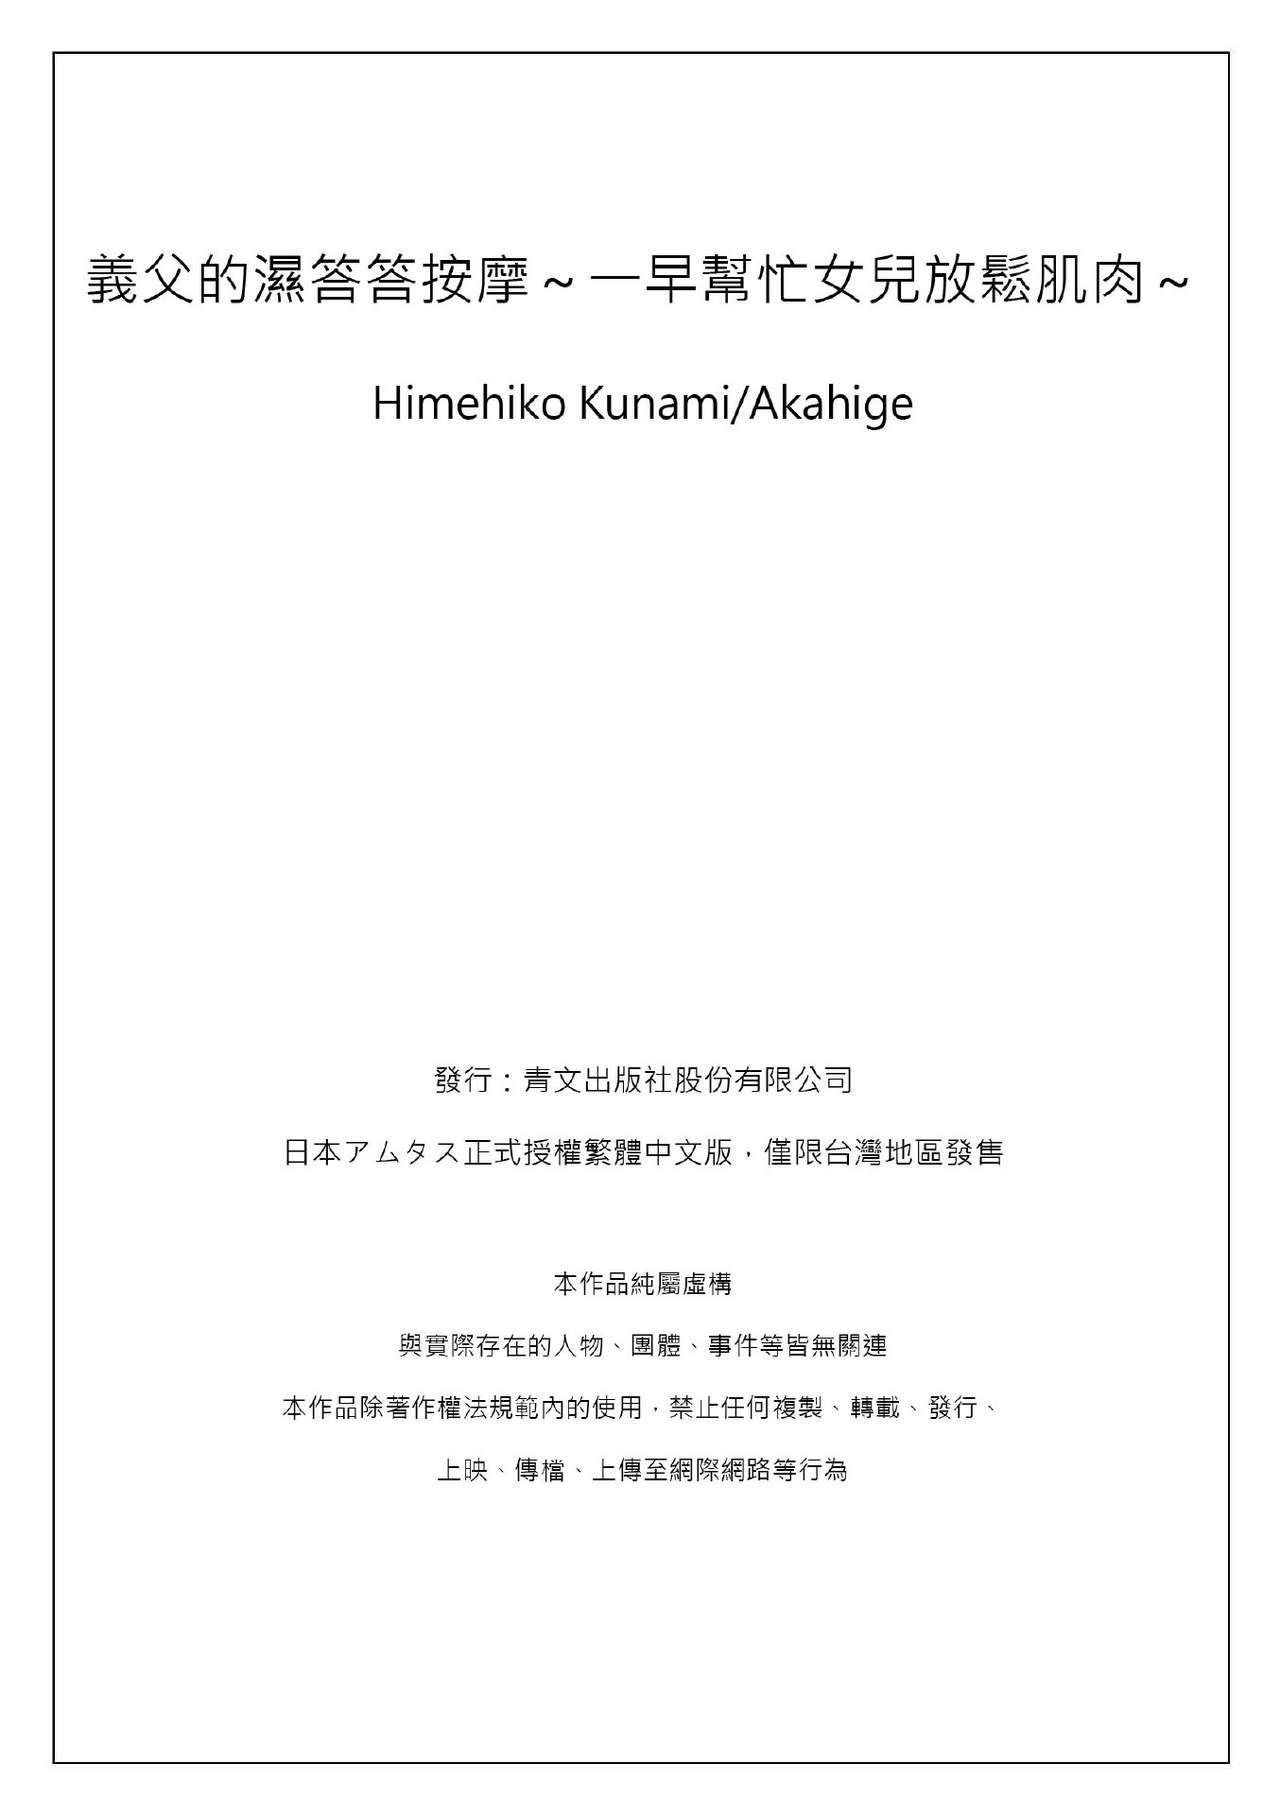 [Qunami Himehiko, Akahige] Gifu no Nurunuru Massage ~Musume no Kori o Asa kara Kurikuri~ | 義父的濕答答按摩~一早幫忙女兒放鬆肌肉~ Ch. 9 [Chinese] 31